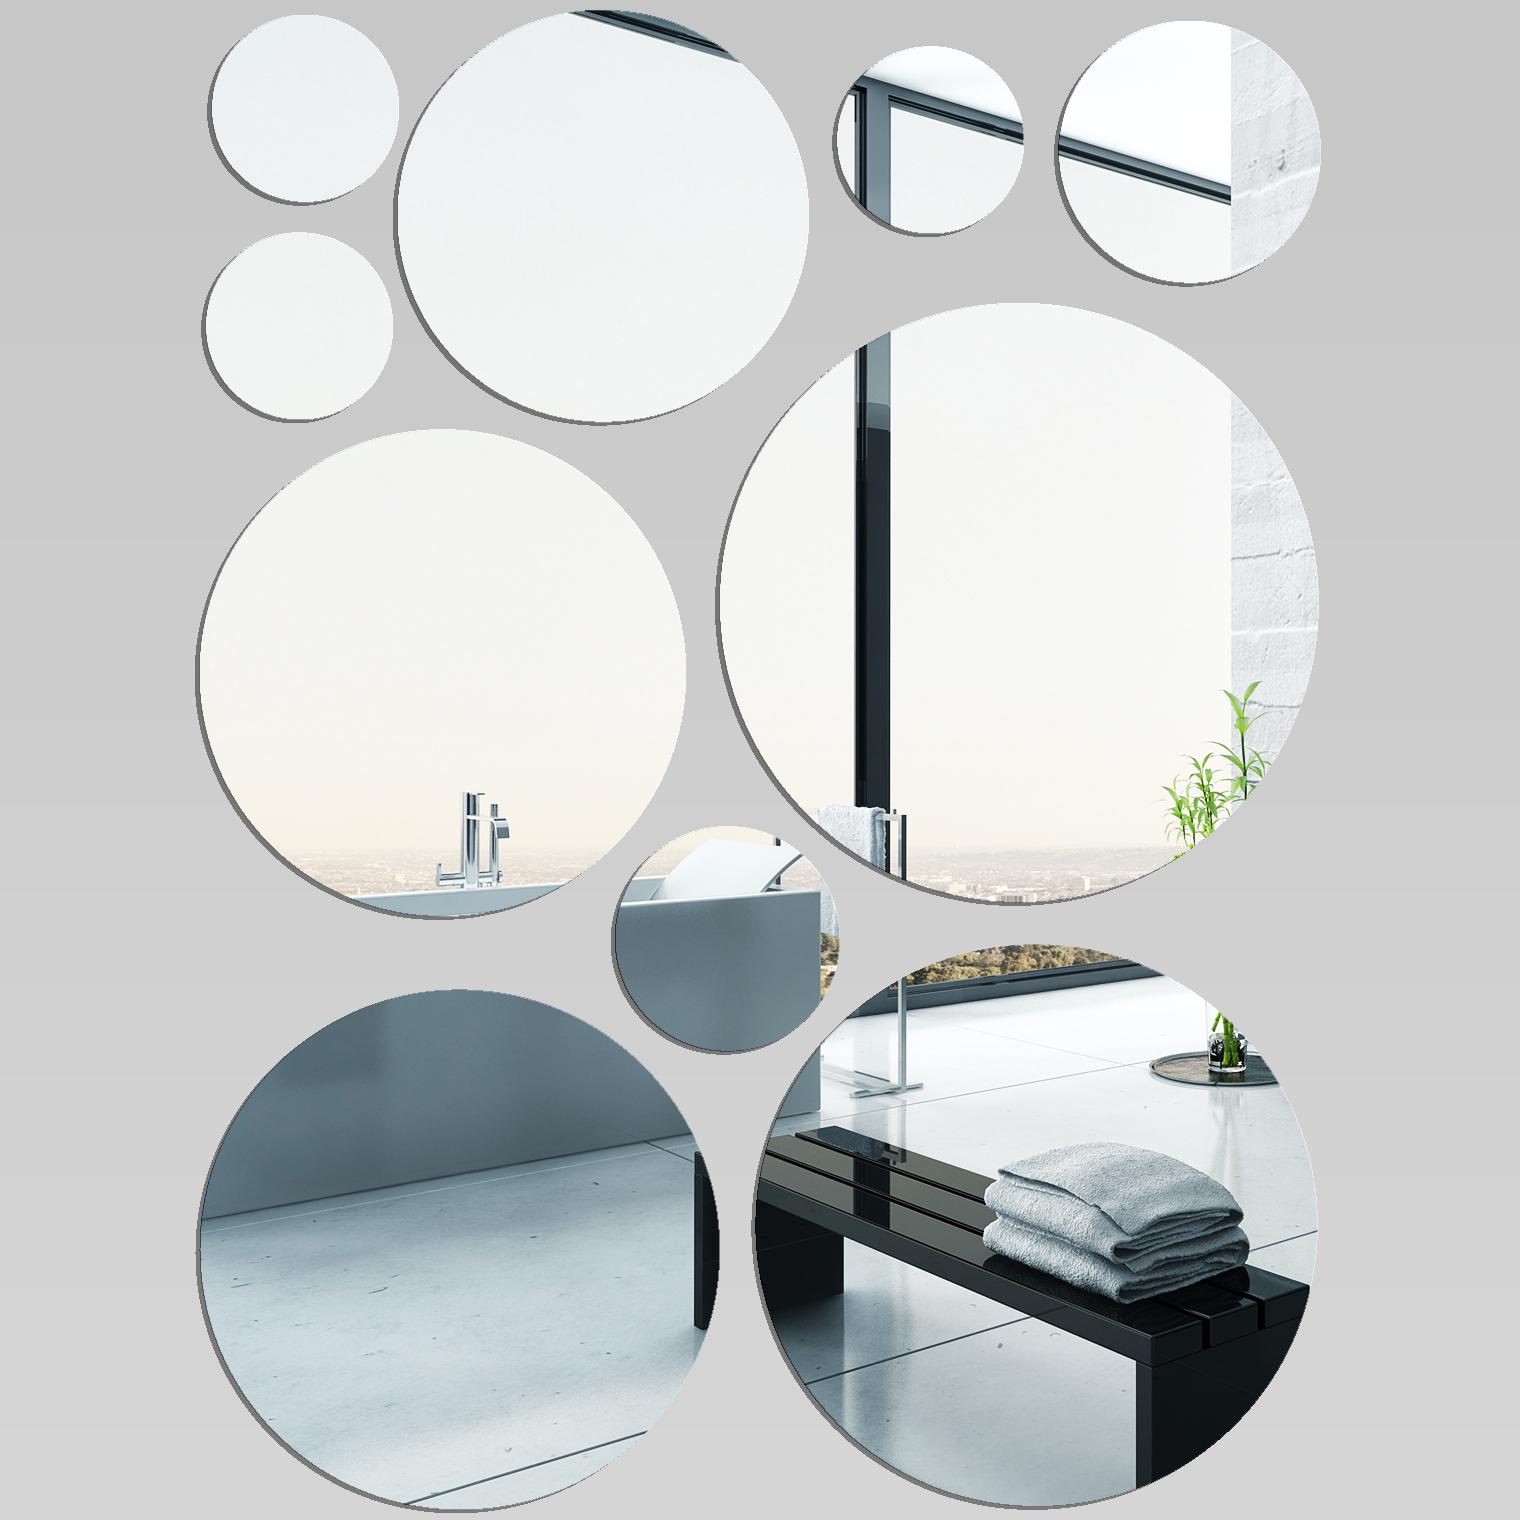 Miroir plexiglass acrylique ronds minimaxi pas cher for Miroir en acrylique